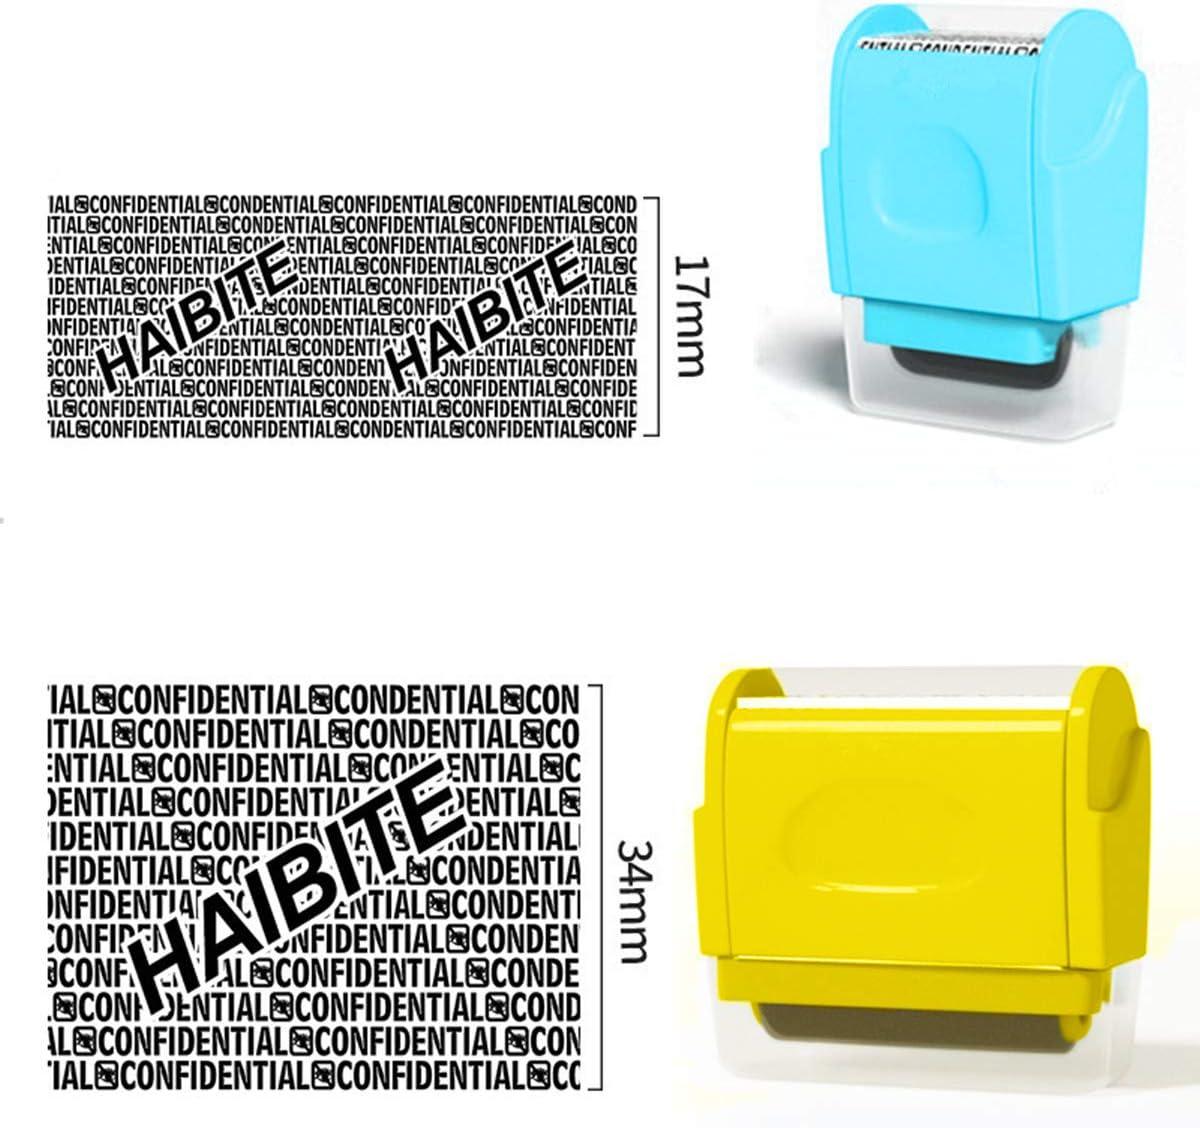 2 x breite Rollenstempel hellblau + gelb unbegrenzte Wiederf/ärbung von Identit/ätsdiebstahl Pr/ävention Stempel Rollsicherheitsstempel Sichtschutz Schutz Ihrer Identit/ät vertrauliche Daten